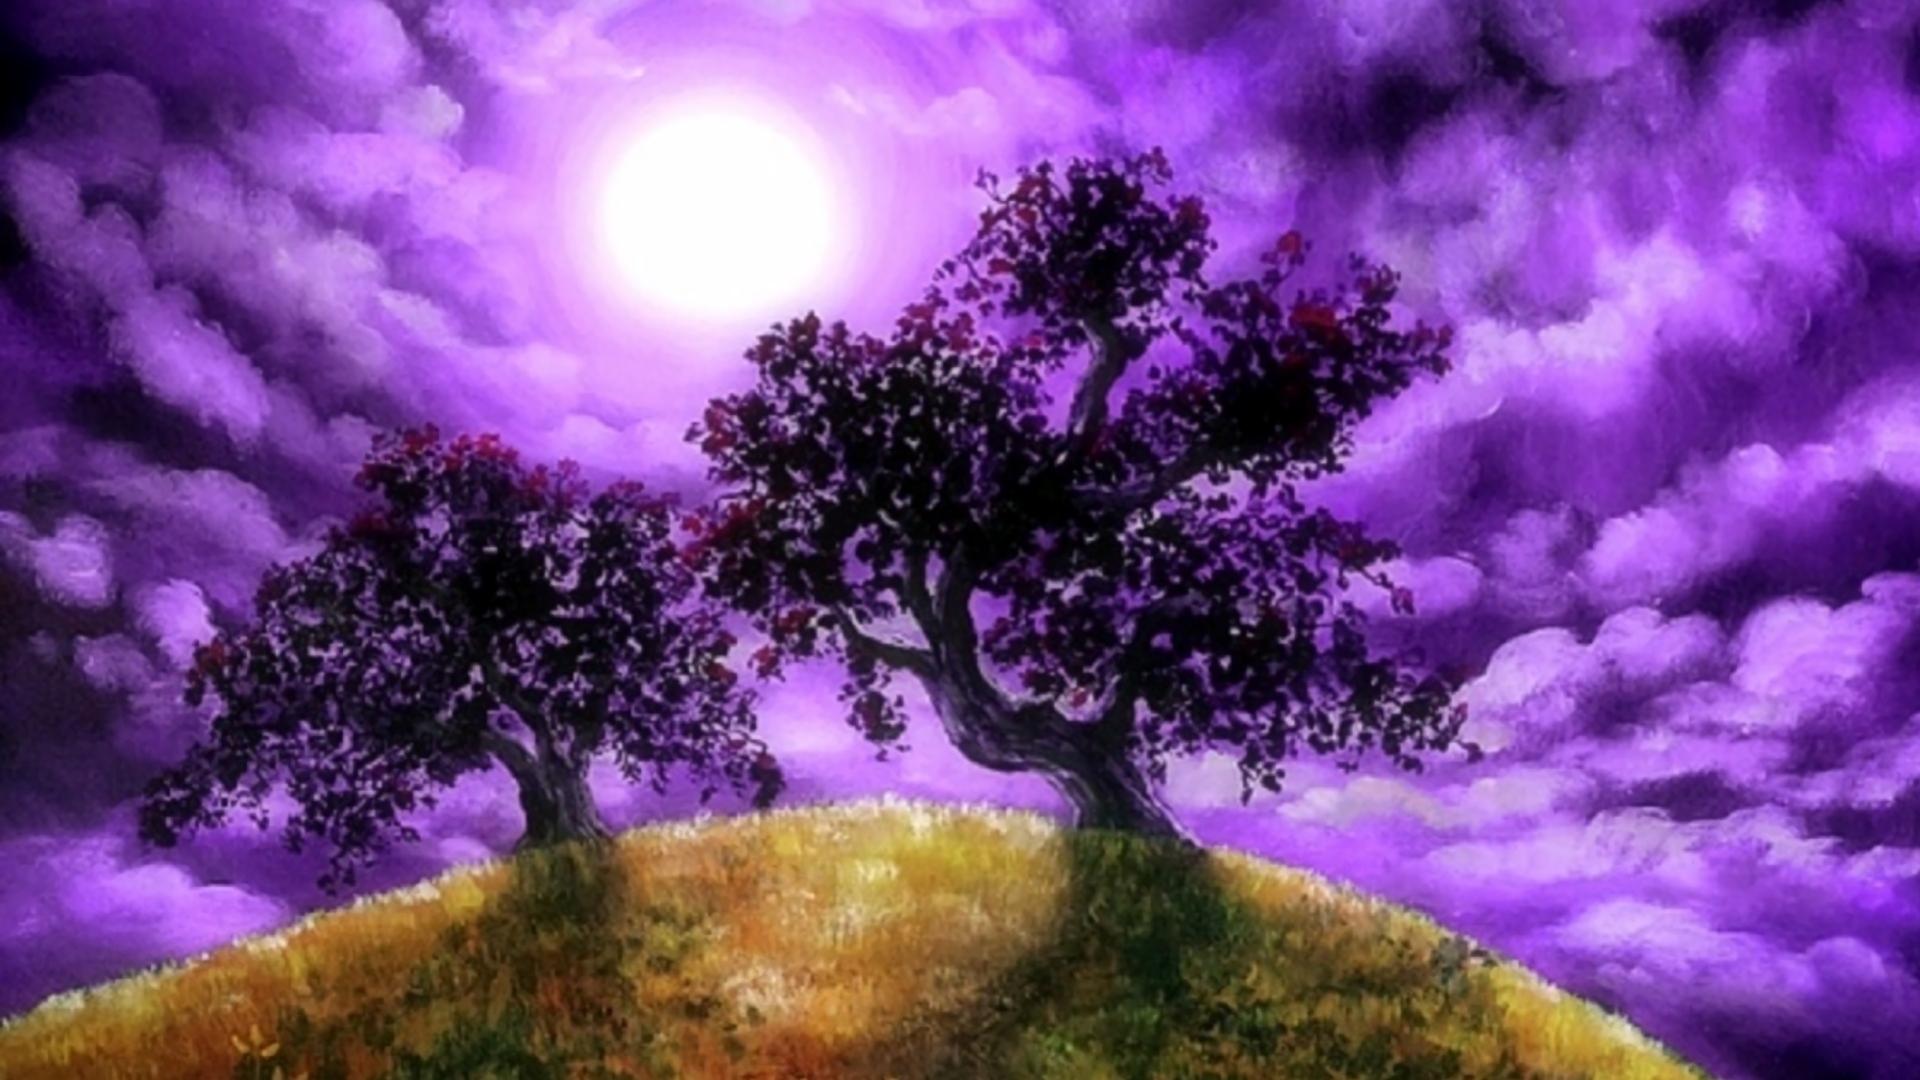 Fantasy landscape full hd sfondo and sfondi 1920x1080 for Sfondi hd viola